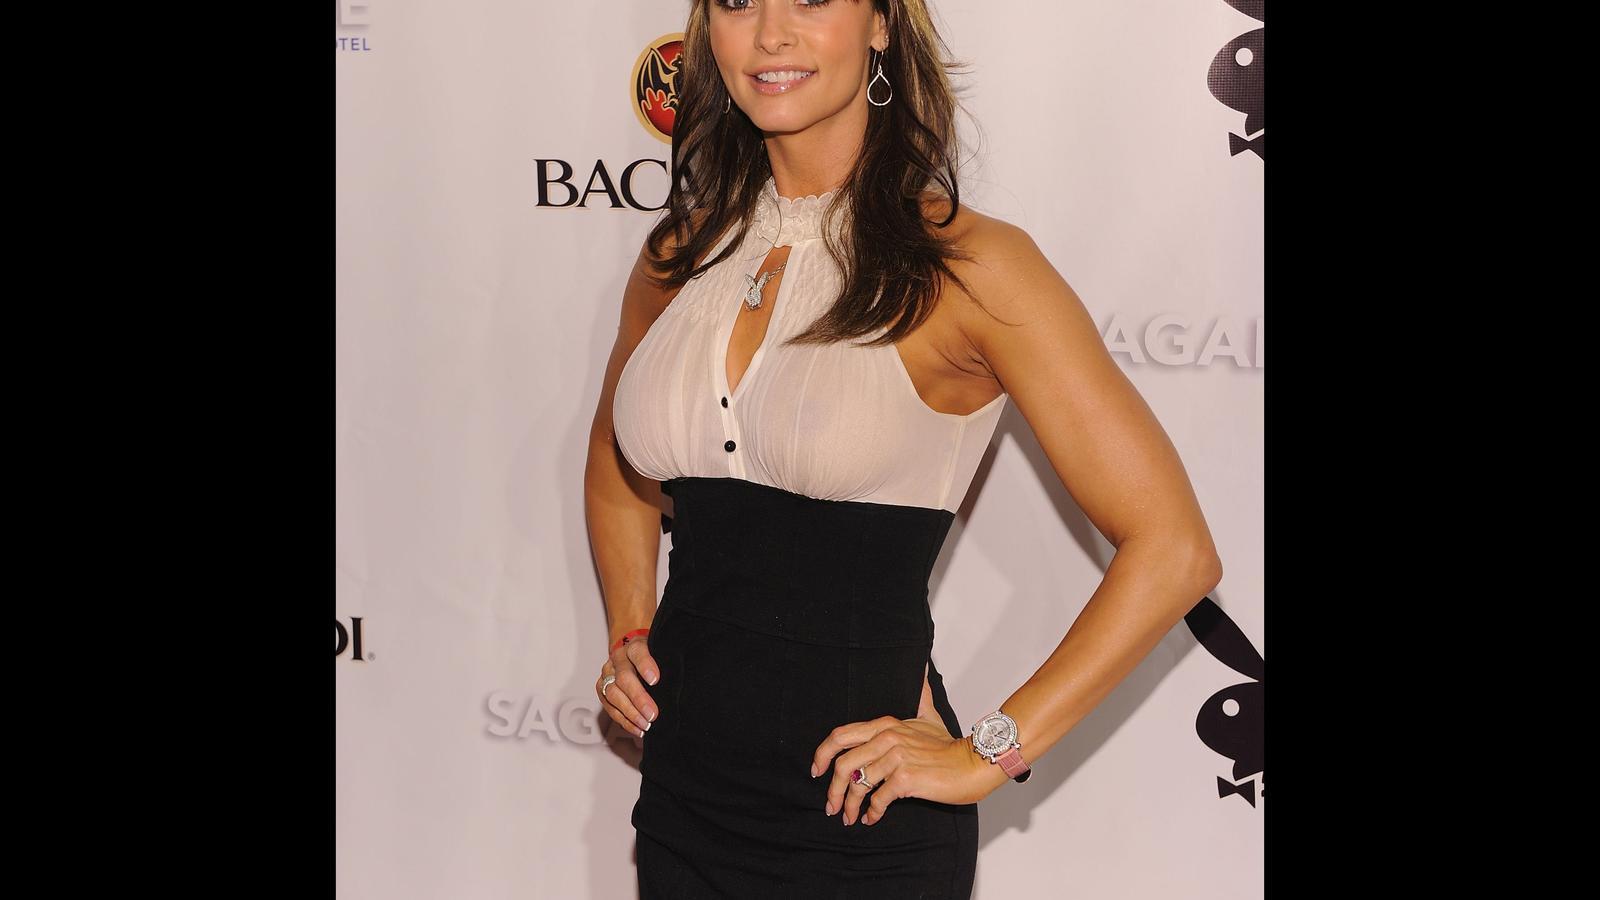 L'exmodel de 'Playboy' Karen McDougal assegura que va mantenir una relació amb Trump.